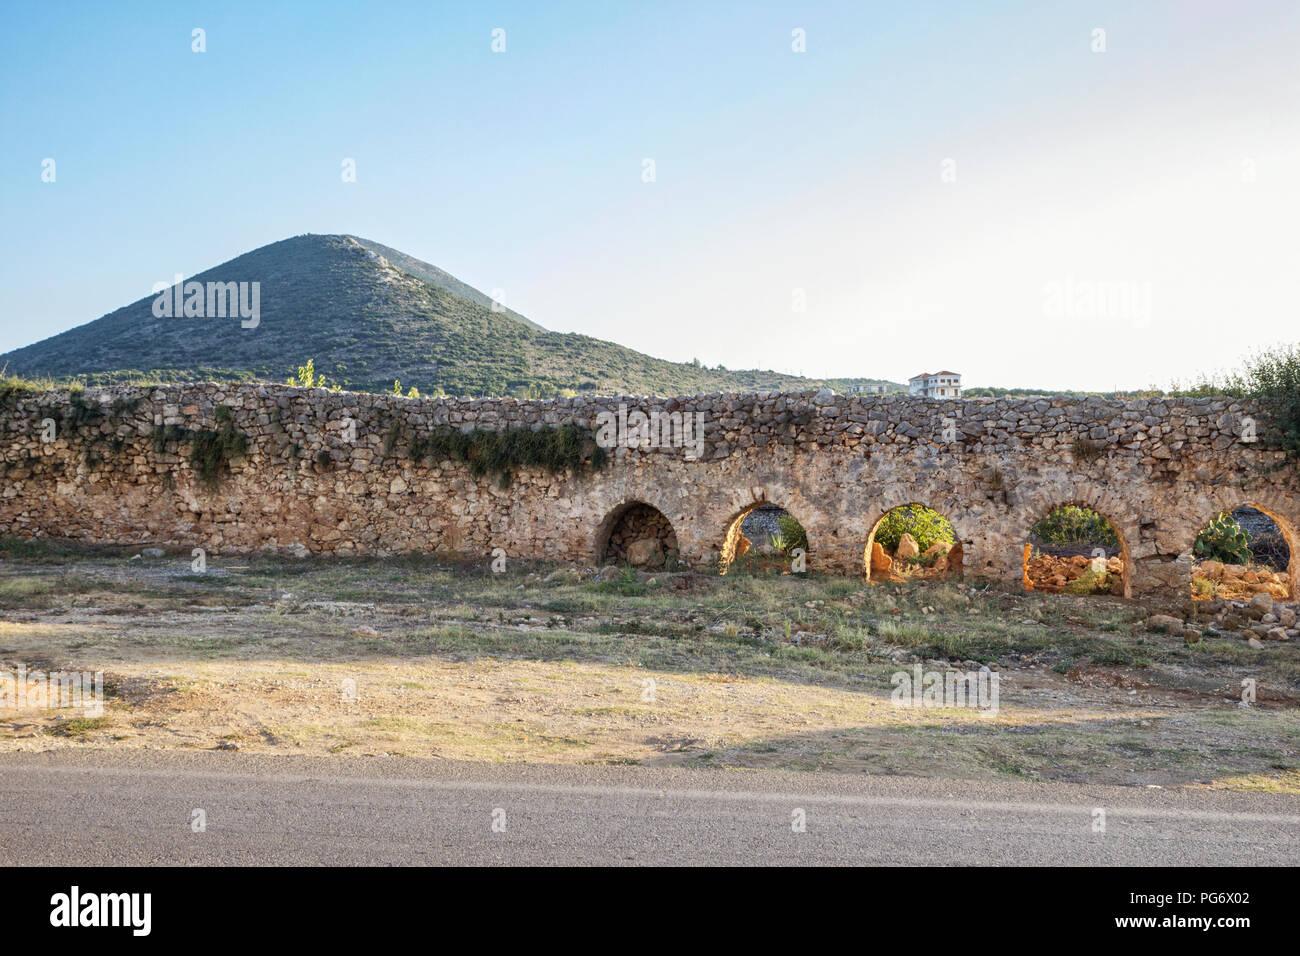 Greece, Peloponnese, Messenia, Pylos - Stock Image